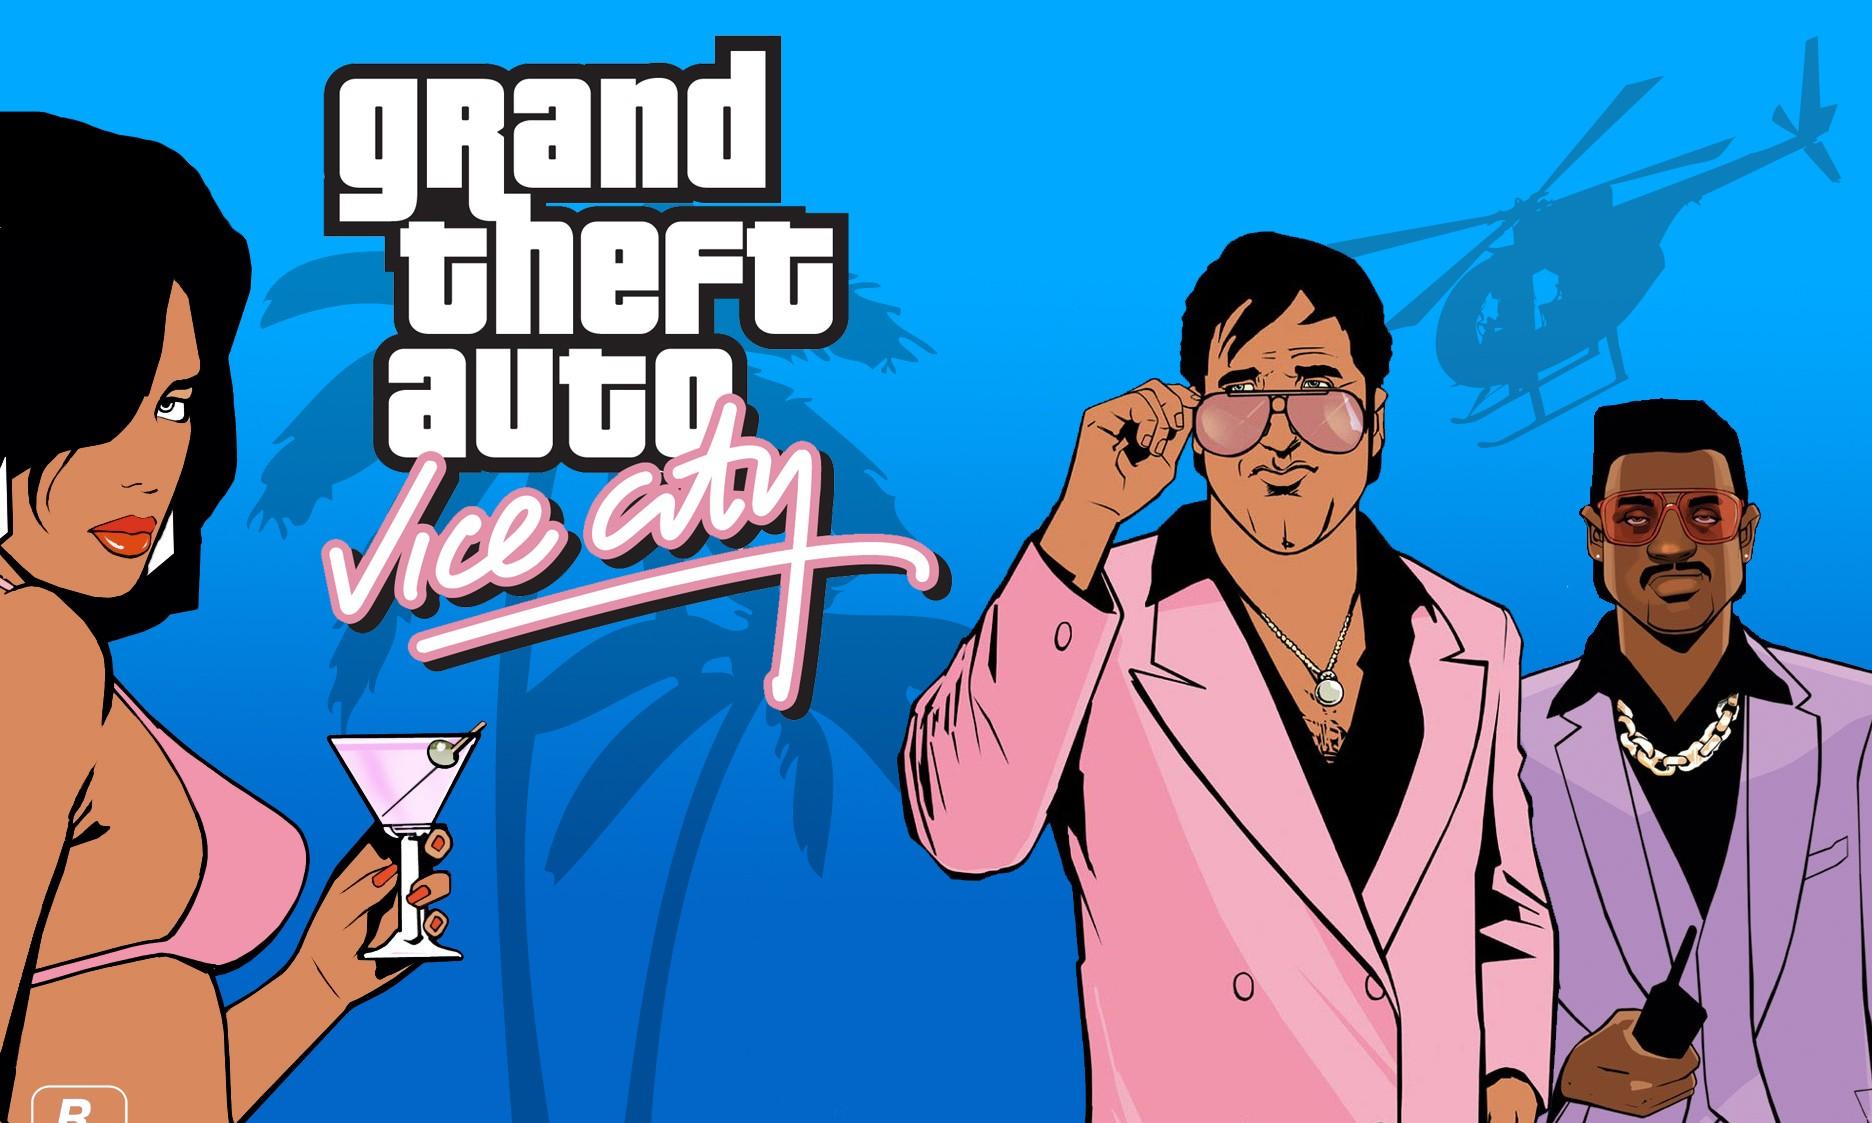 Gta vice city xxx game exposed scene